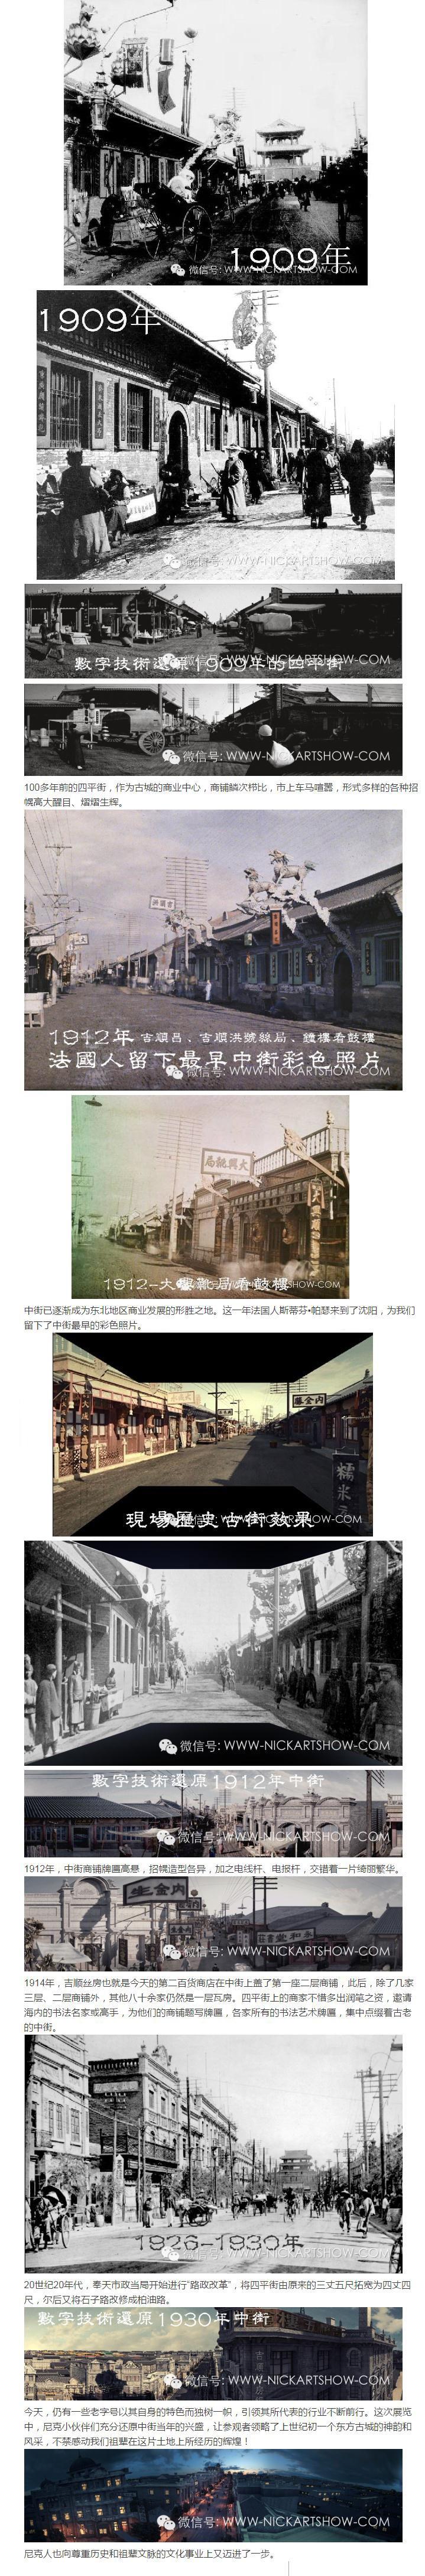 【尼克展览展示+数字媒体】100年前的中街感恩节你穿越过吗?.jpg